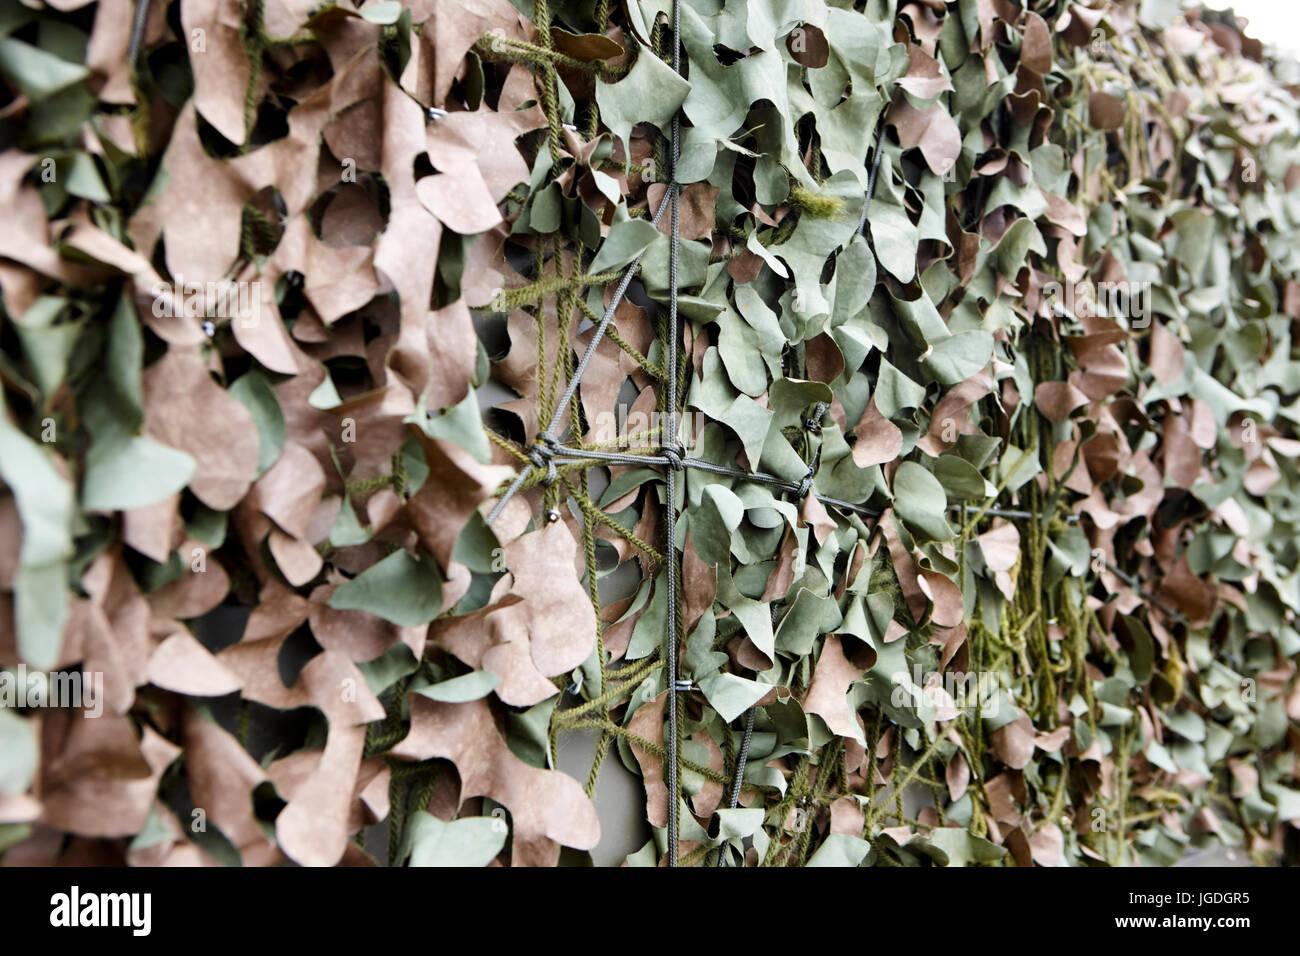 british army old style woodland camouflage netting coating for vehicles uk - Stock Image